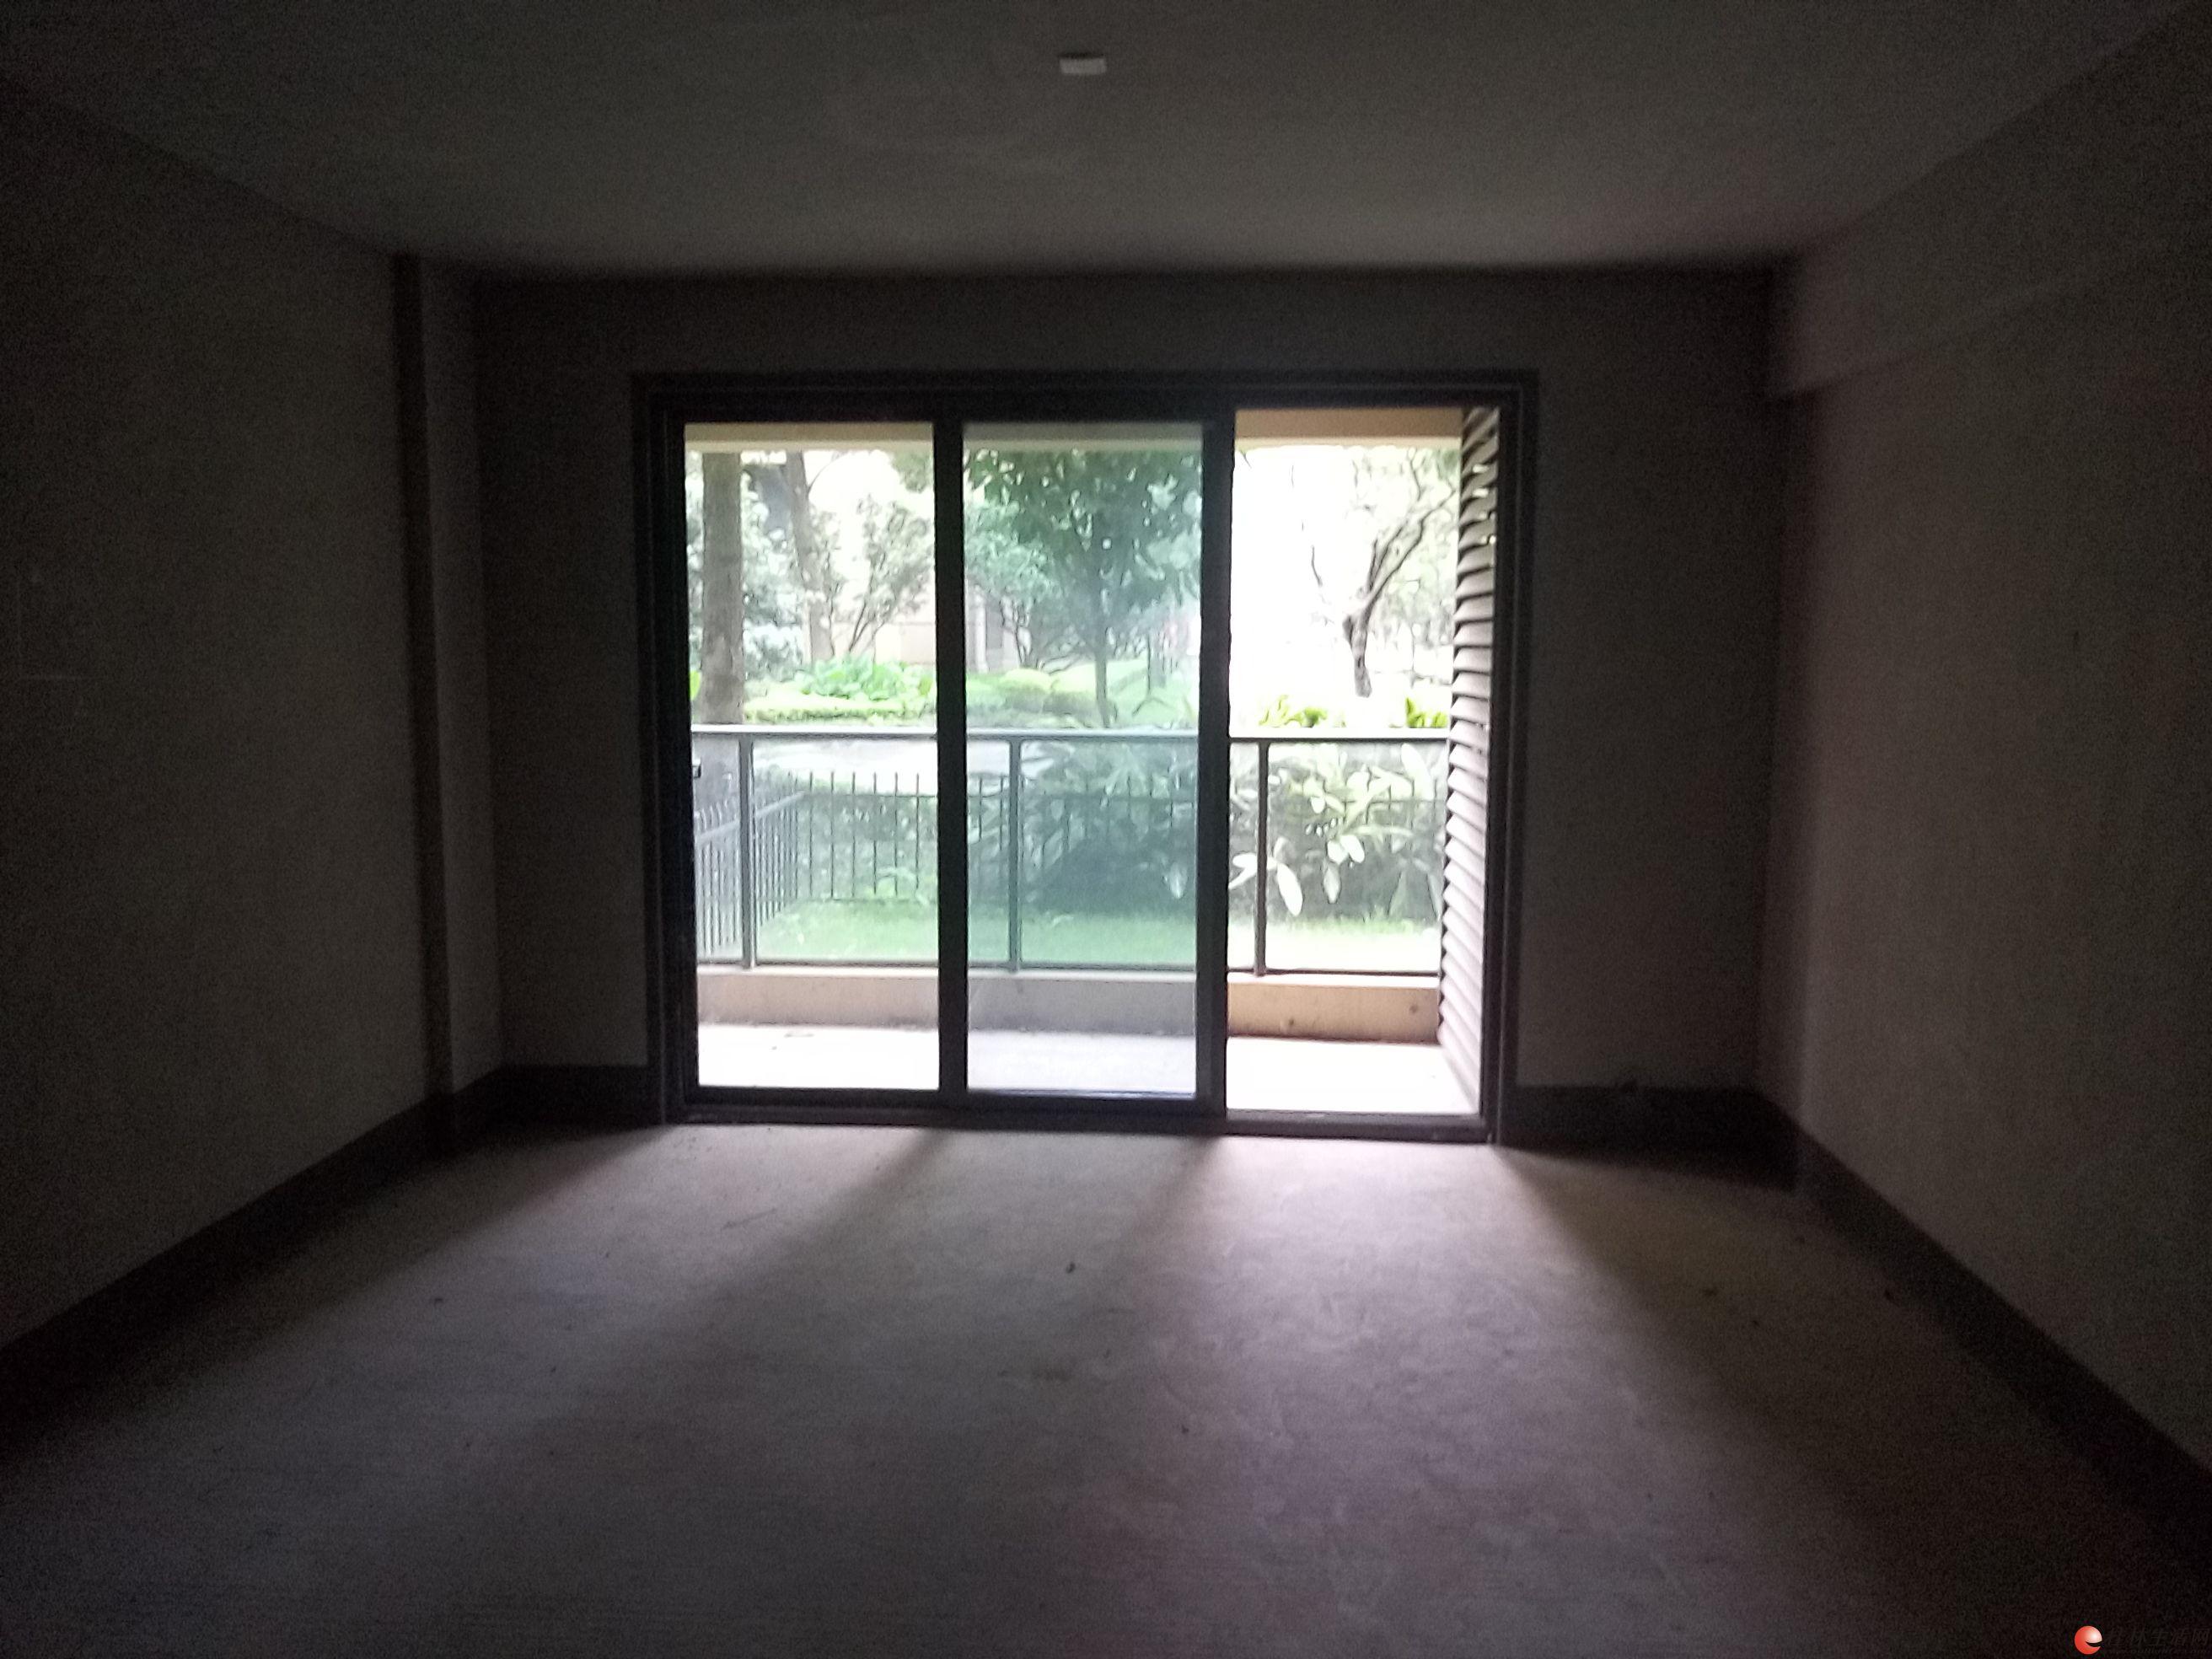 D有不动产证 象山区漓江大美成本价1楼2房带花园仅售57万